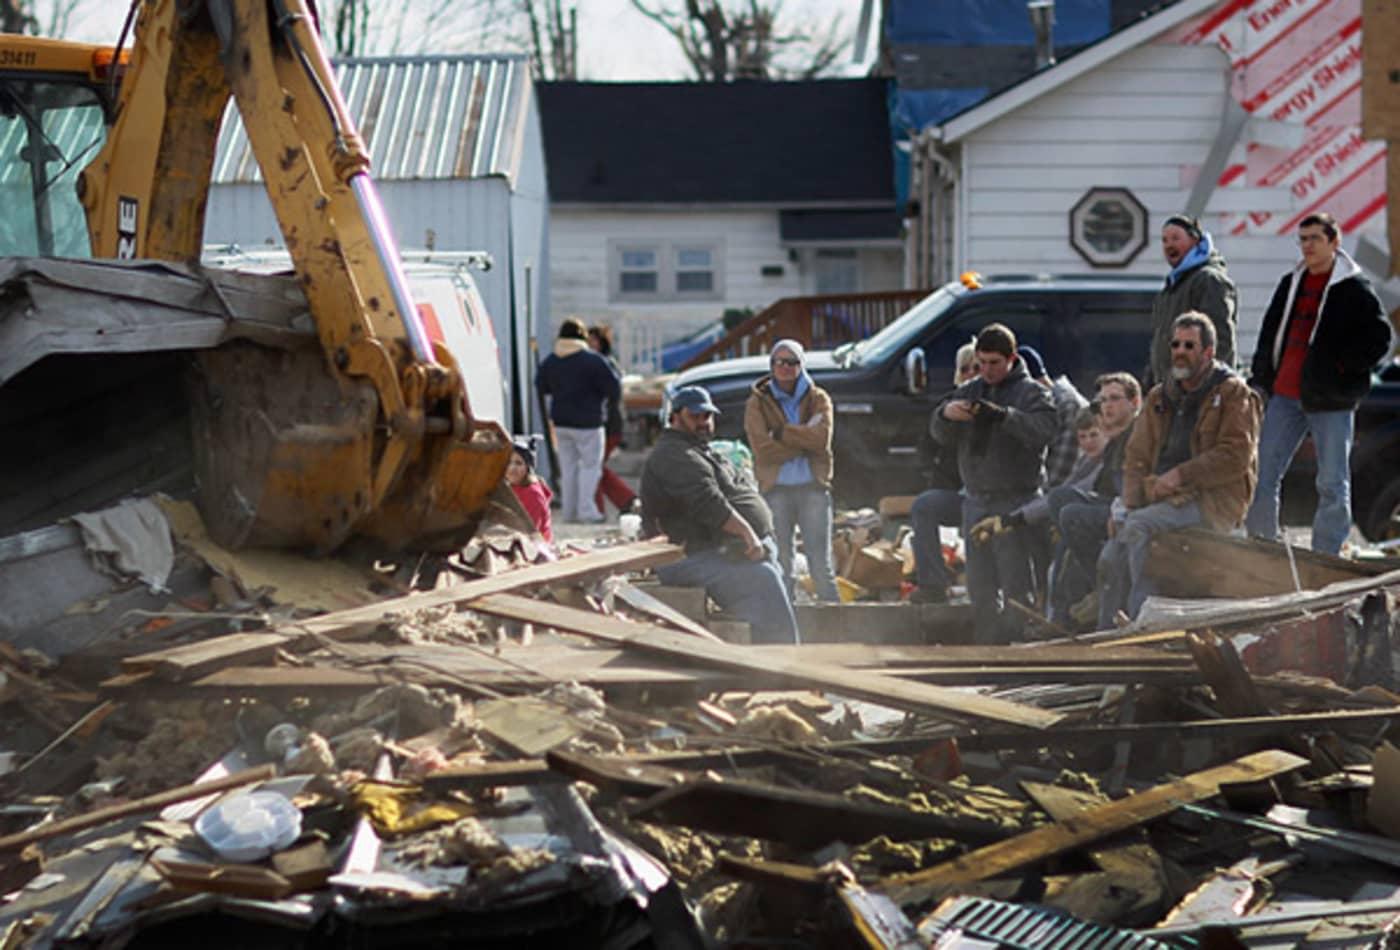 scenes-from-the-midwest-tornadoes-volunteers.jpg